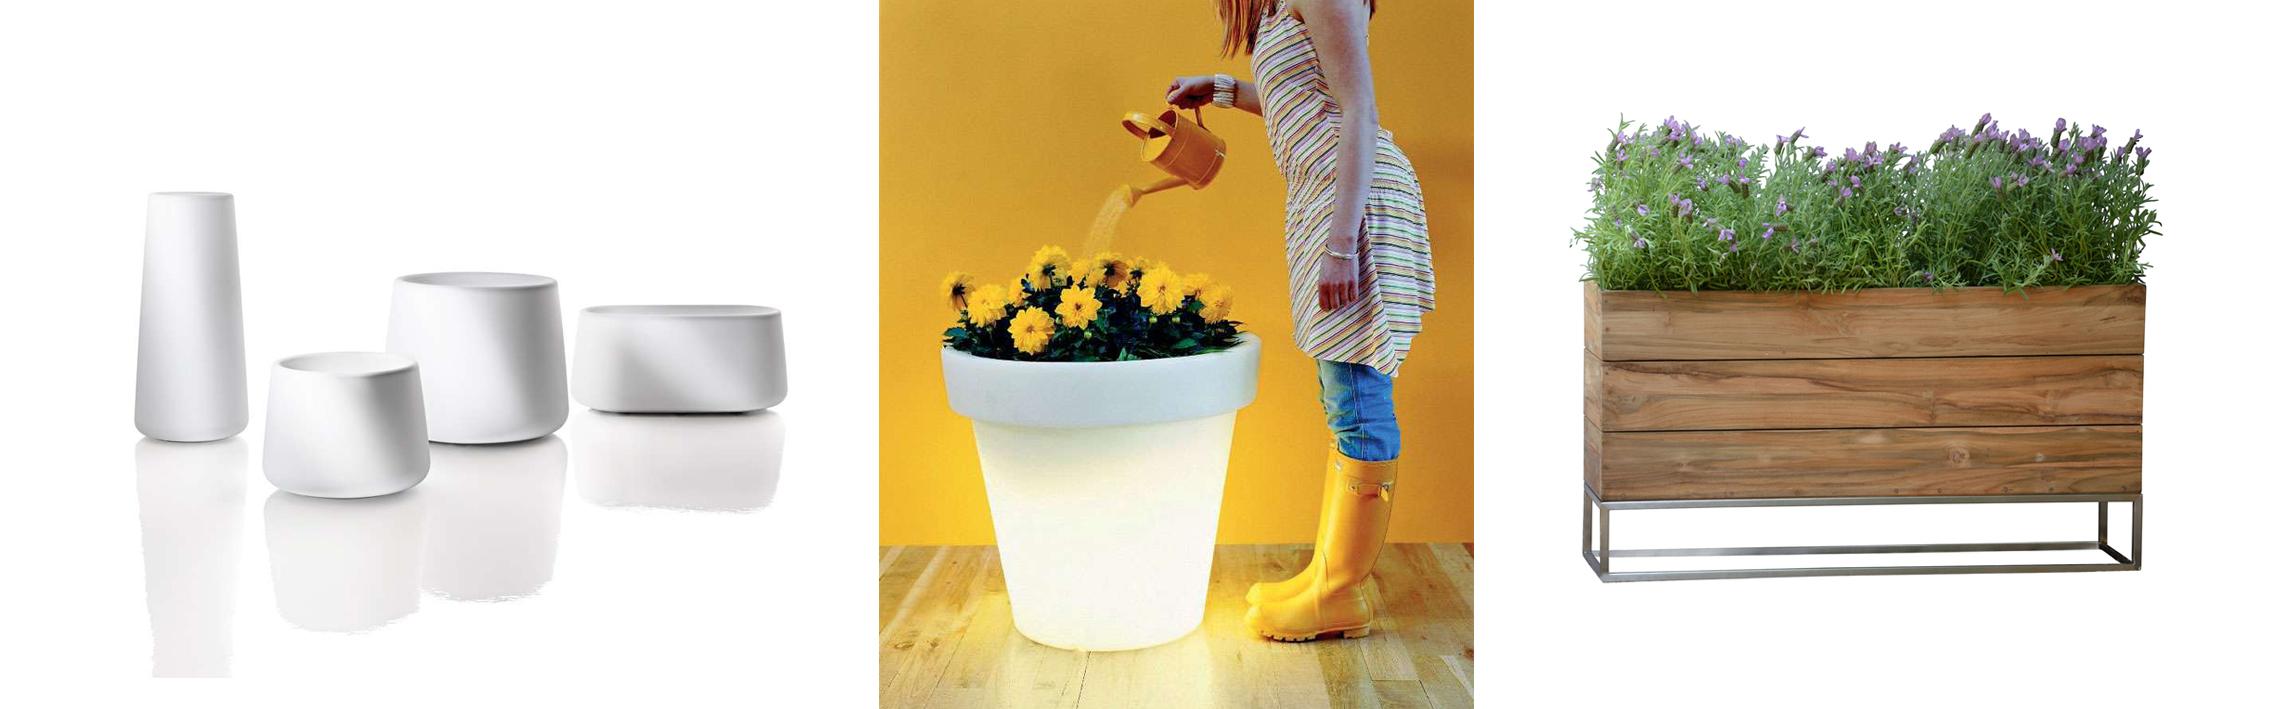 Magis Tubby Vase, Bloom Pot Blumentopf mit Licht und Jan Kurtz Minigarden